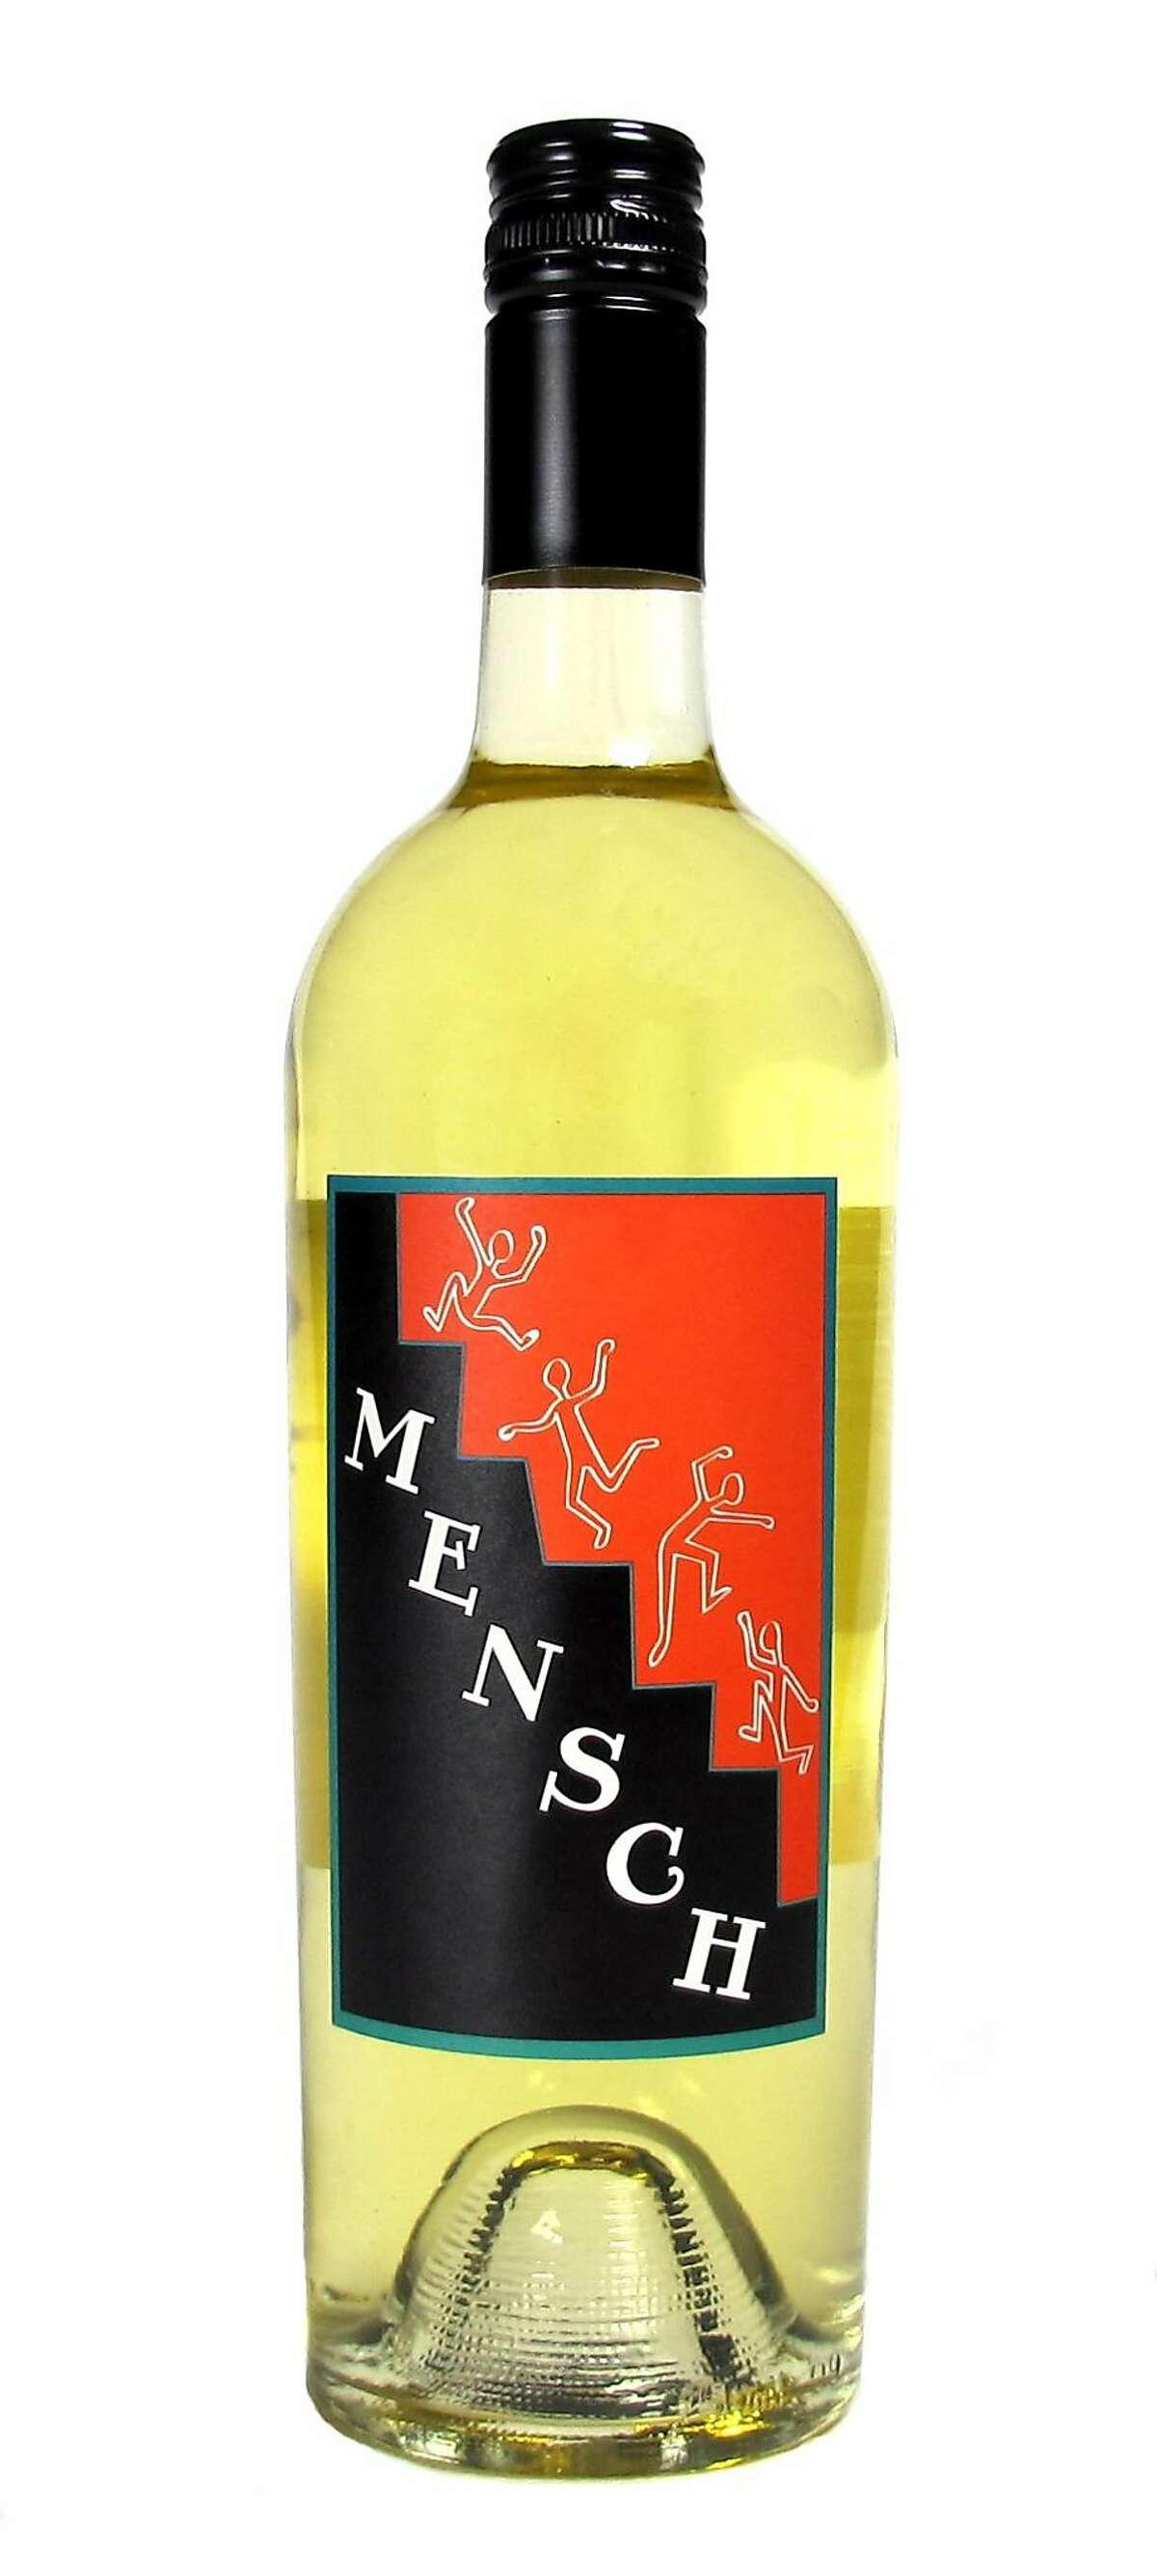 Mensch White Wine California 2014 ($20)